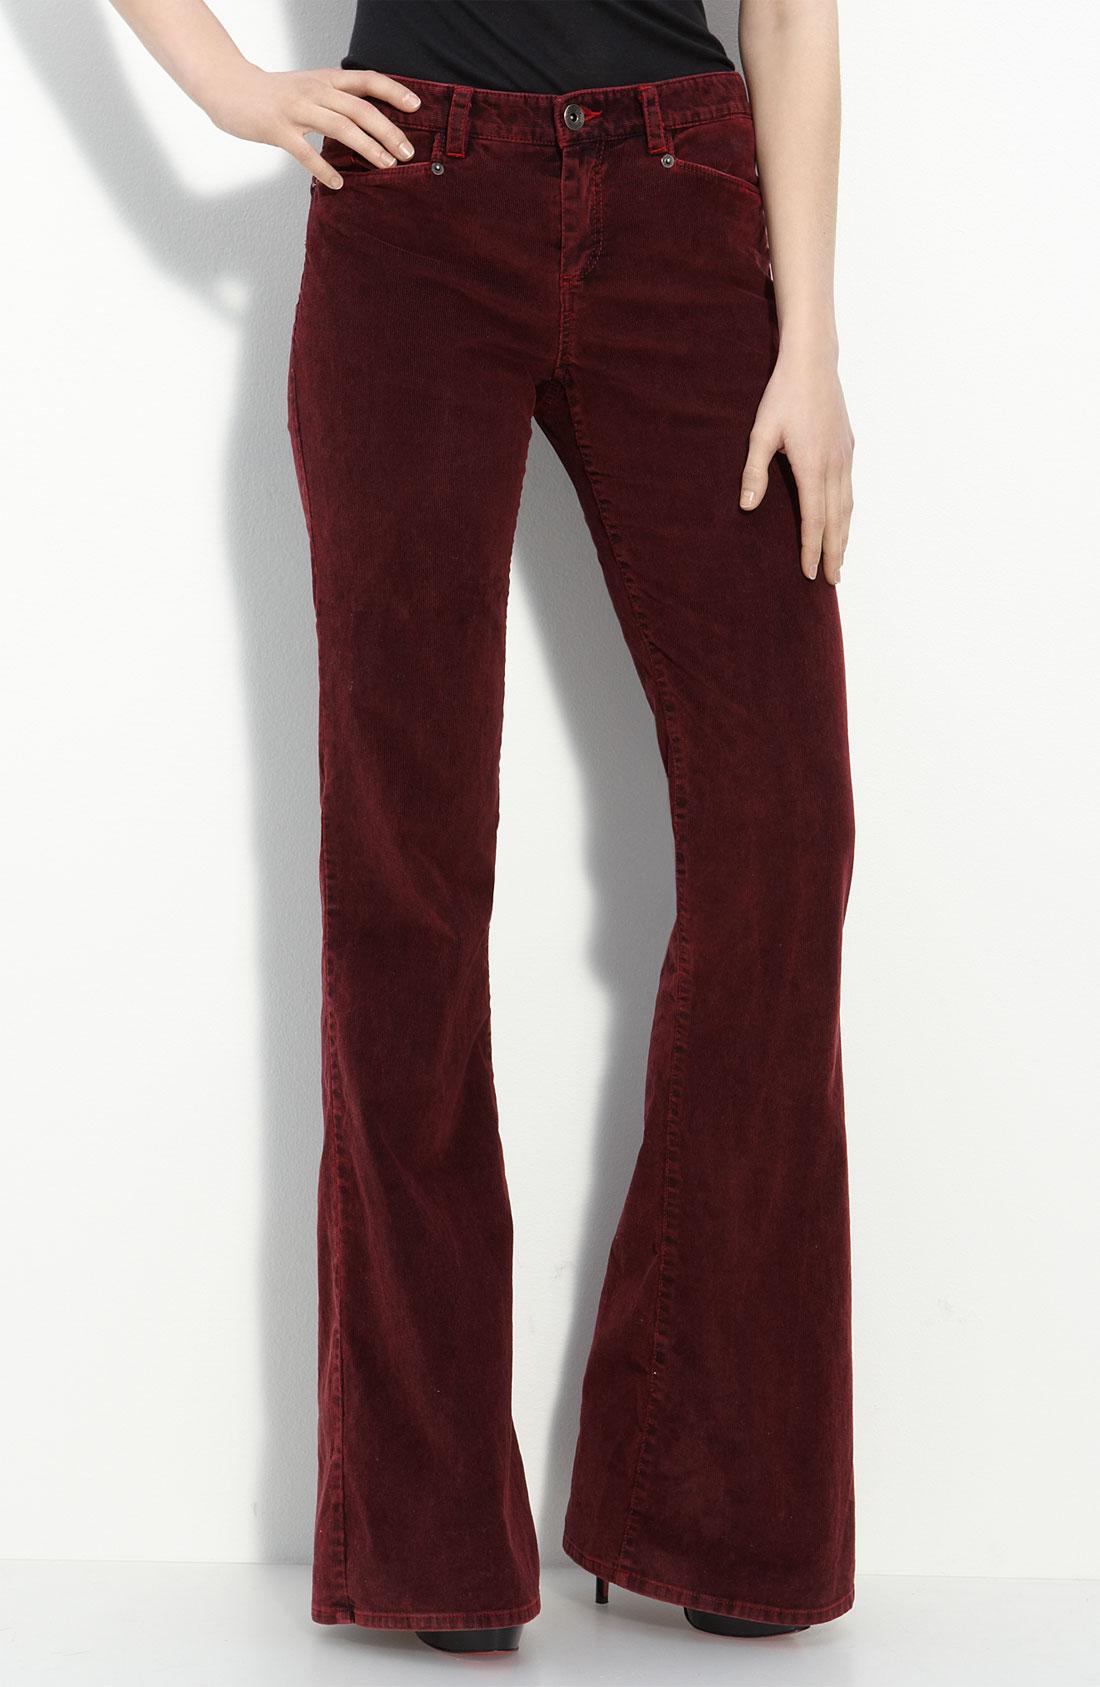 wide leg corduroy pants - Pi Pants